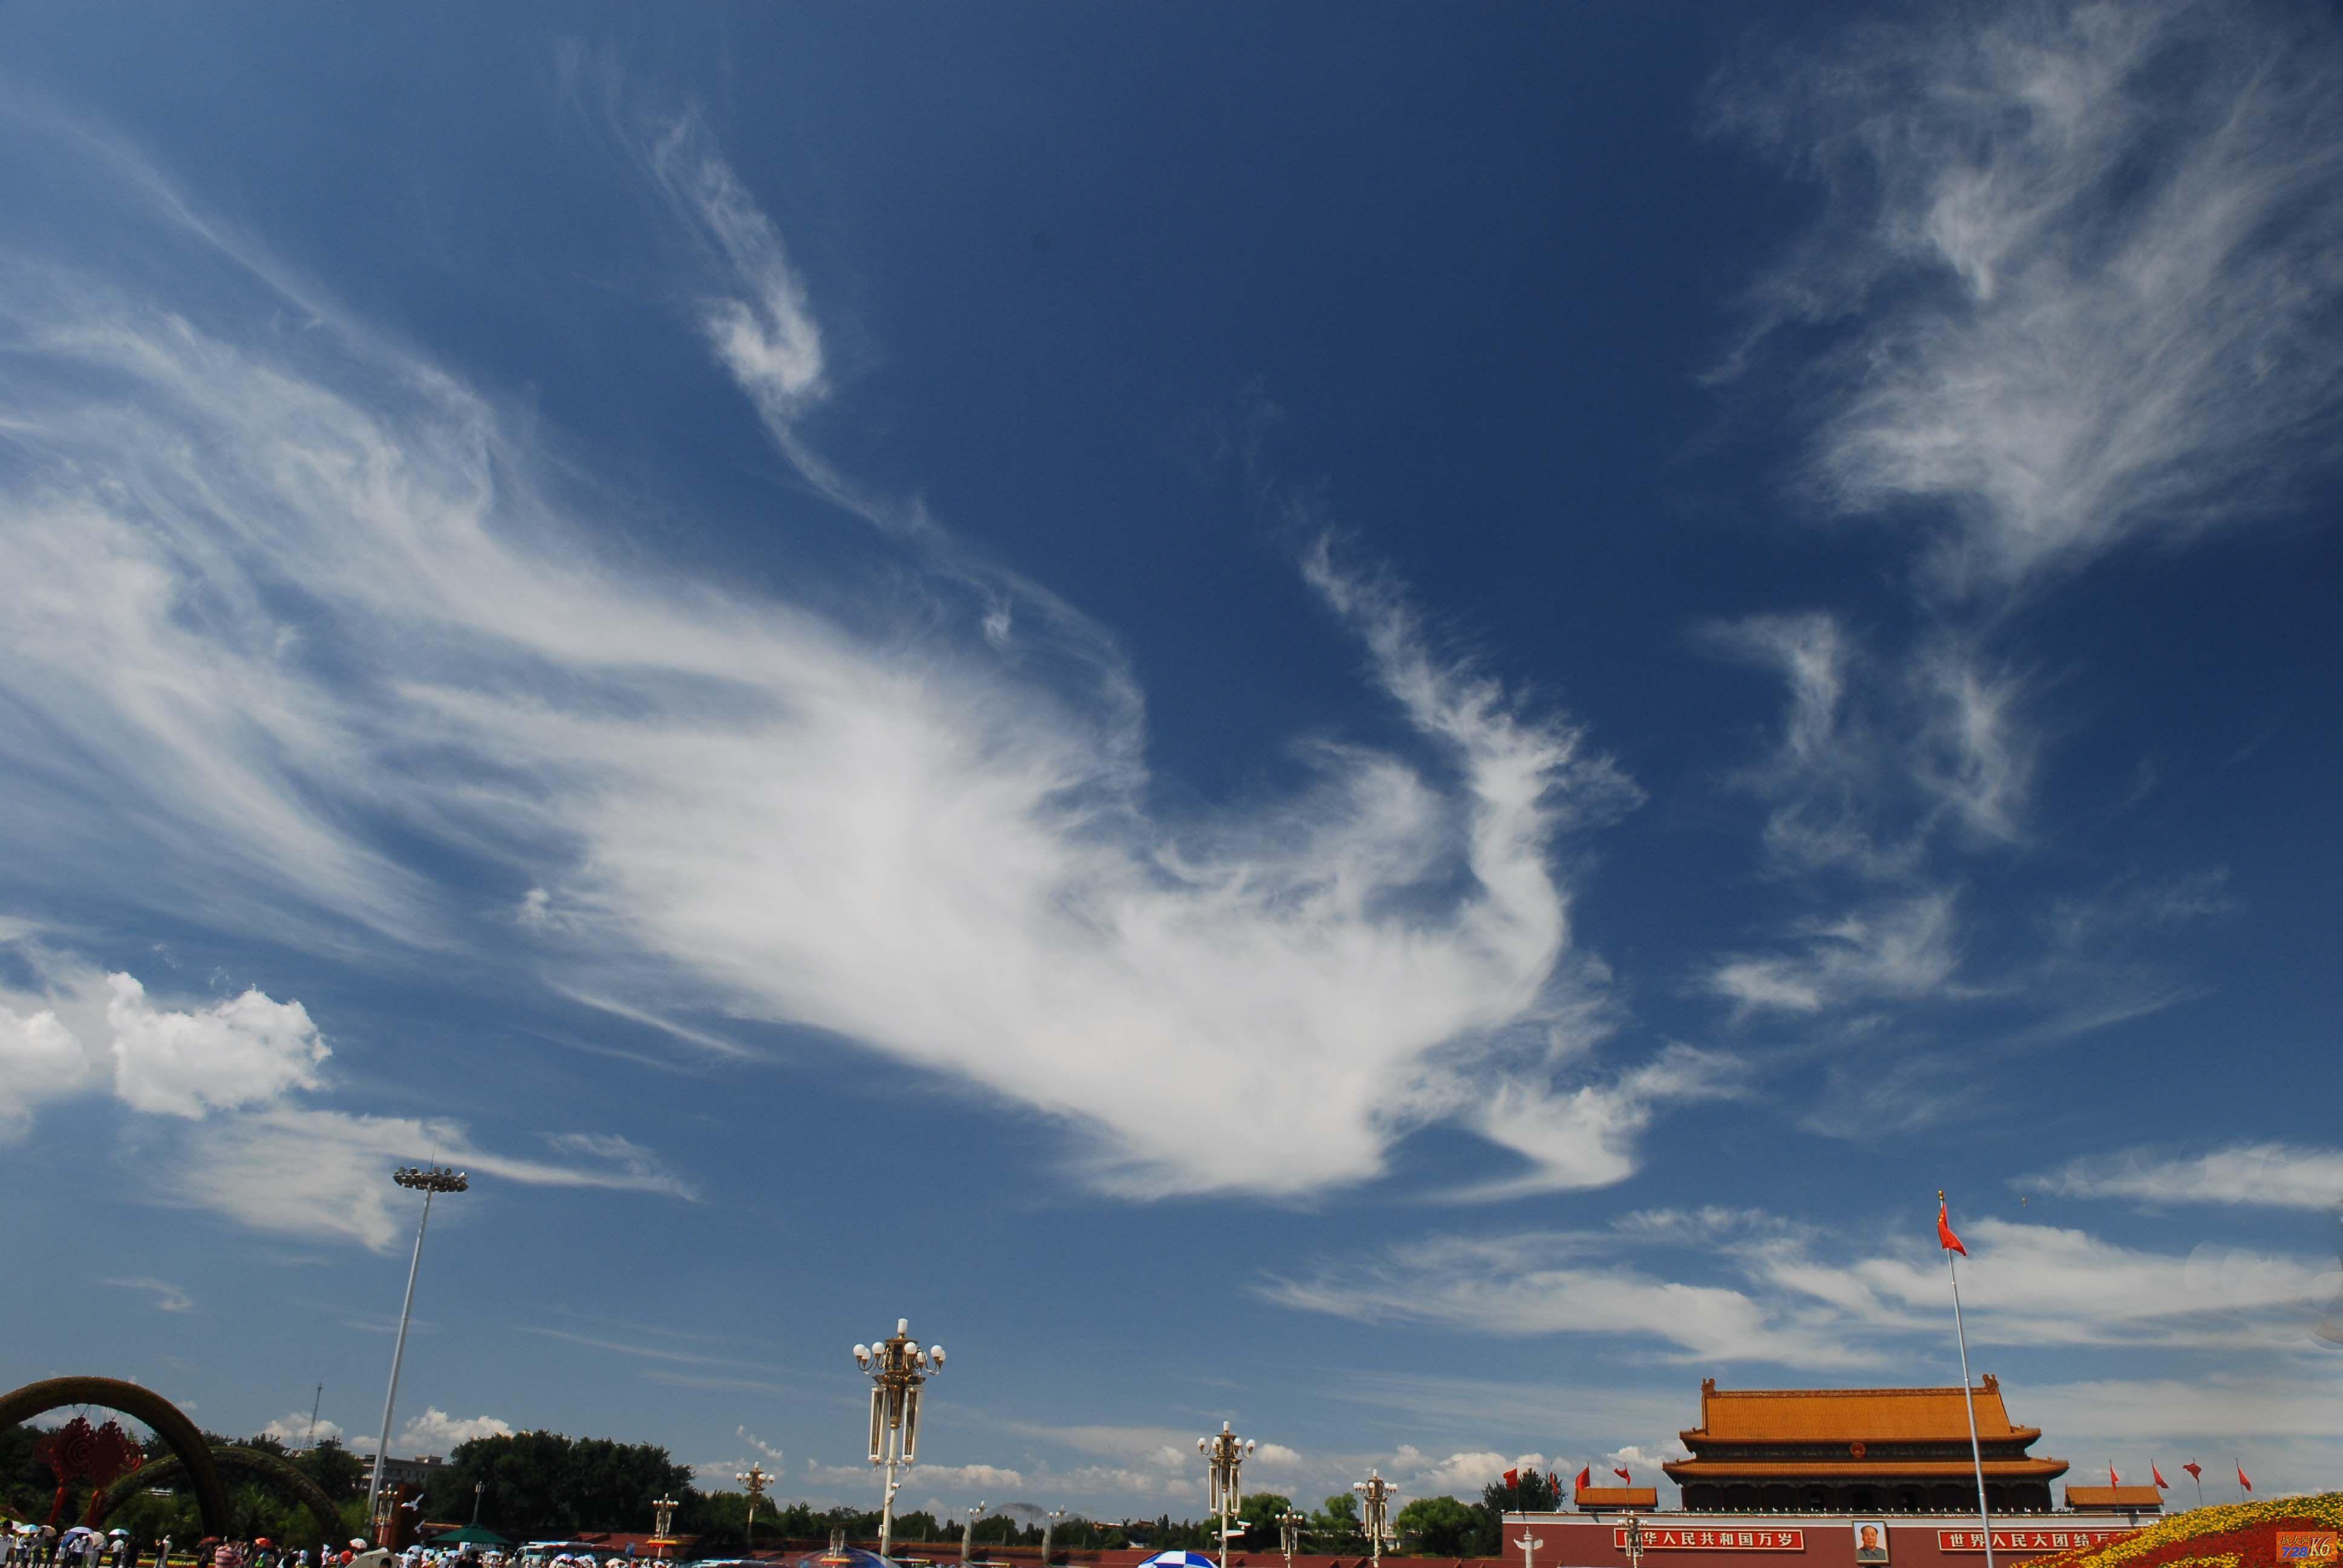 在这张拍摄于2008年奥运会期间的天安门 照片上,蔚蓝色